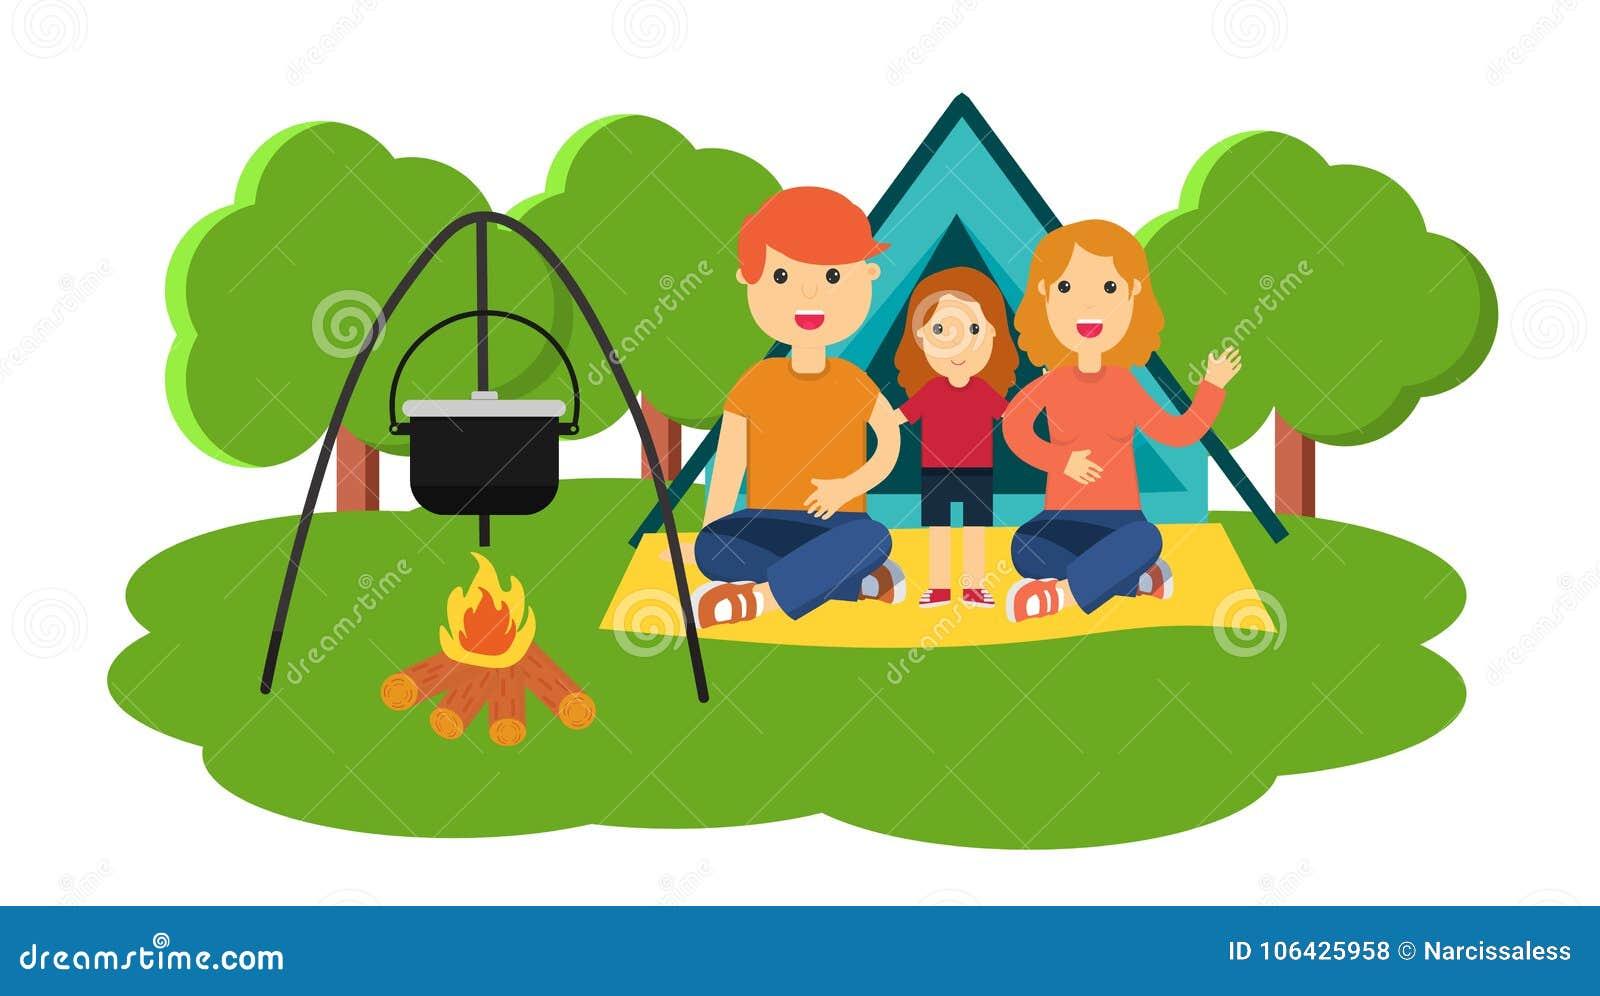 Επίπεδη ζωηρόχρωμη διανυσματική απεικόνιση της οικογένειας